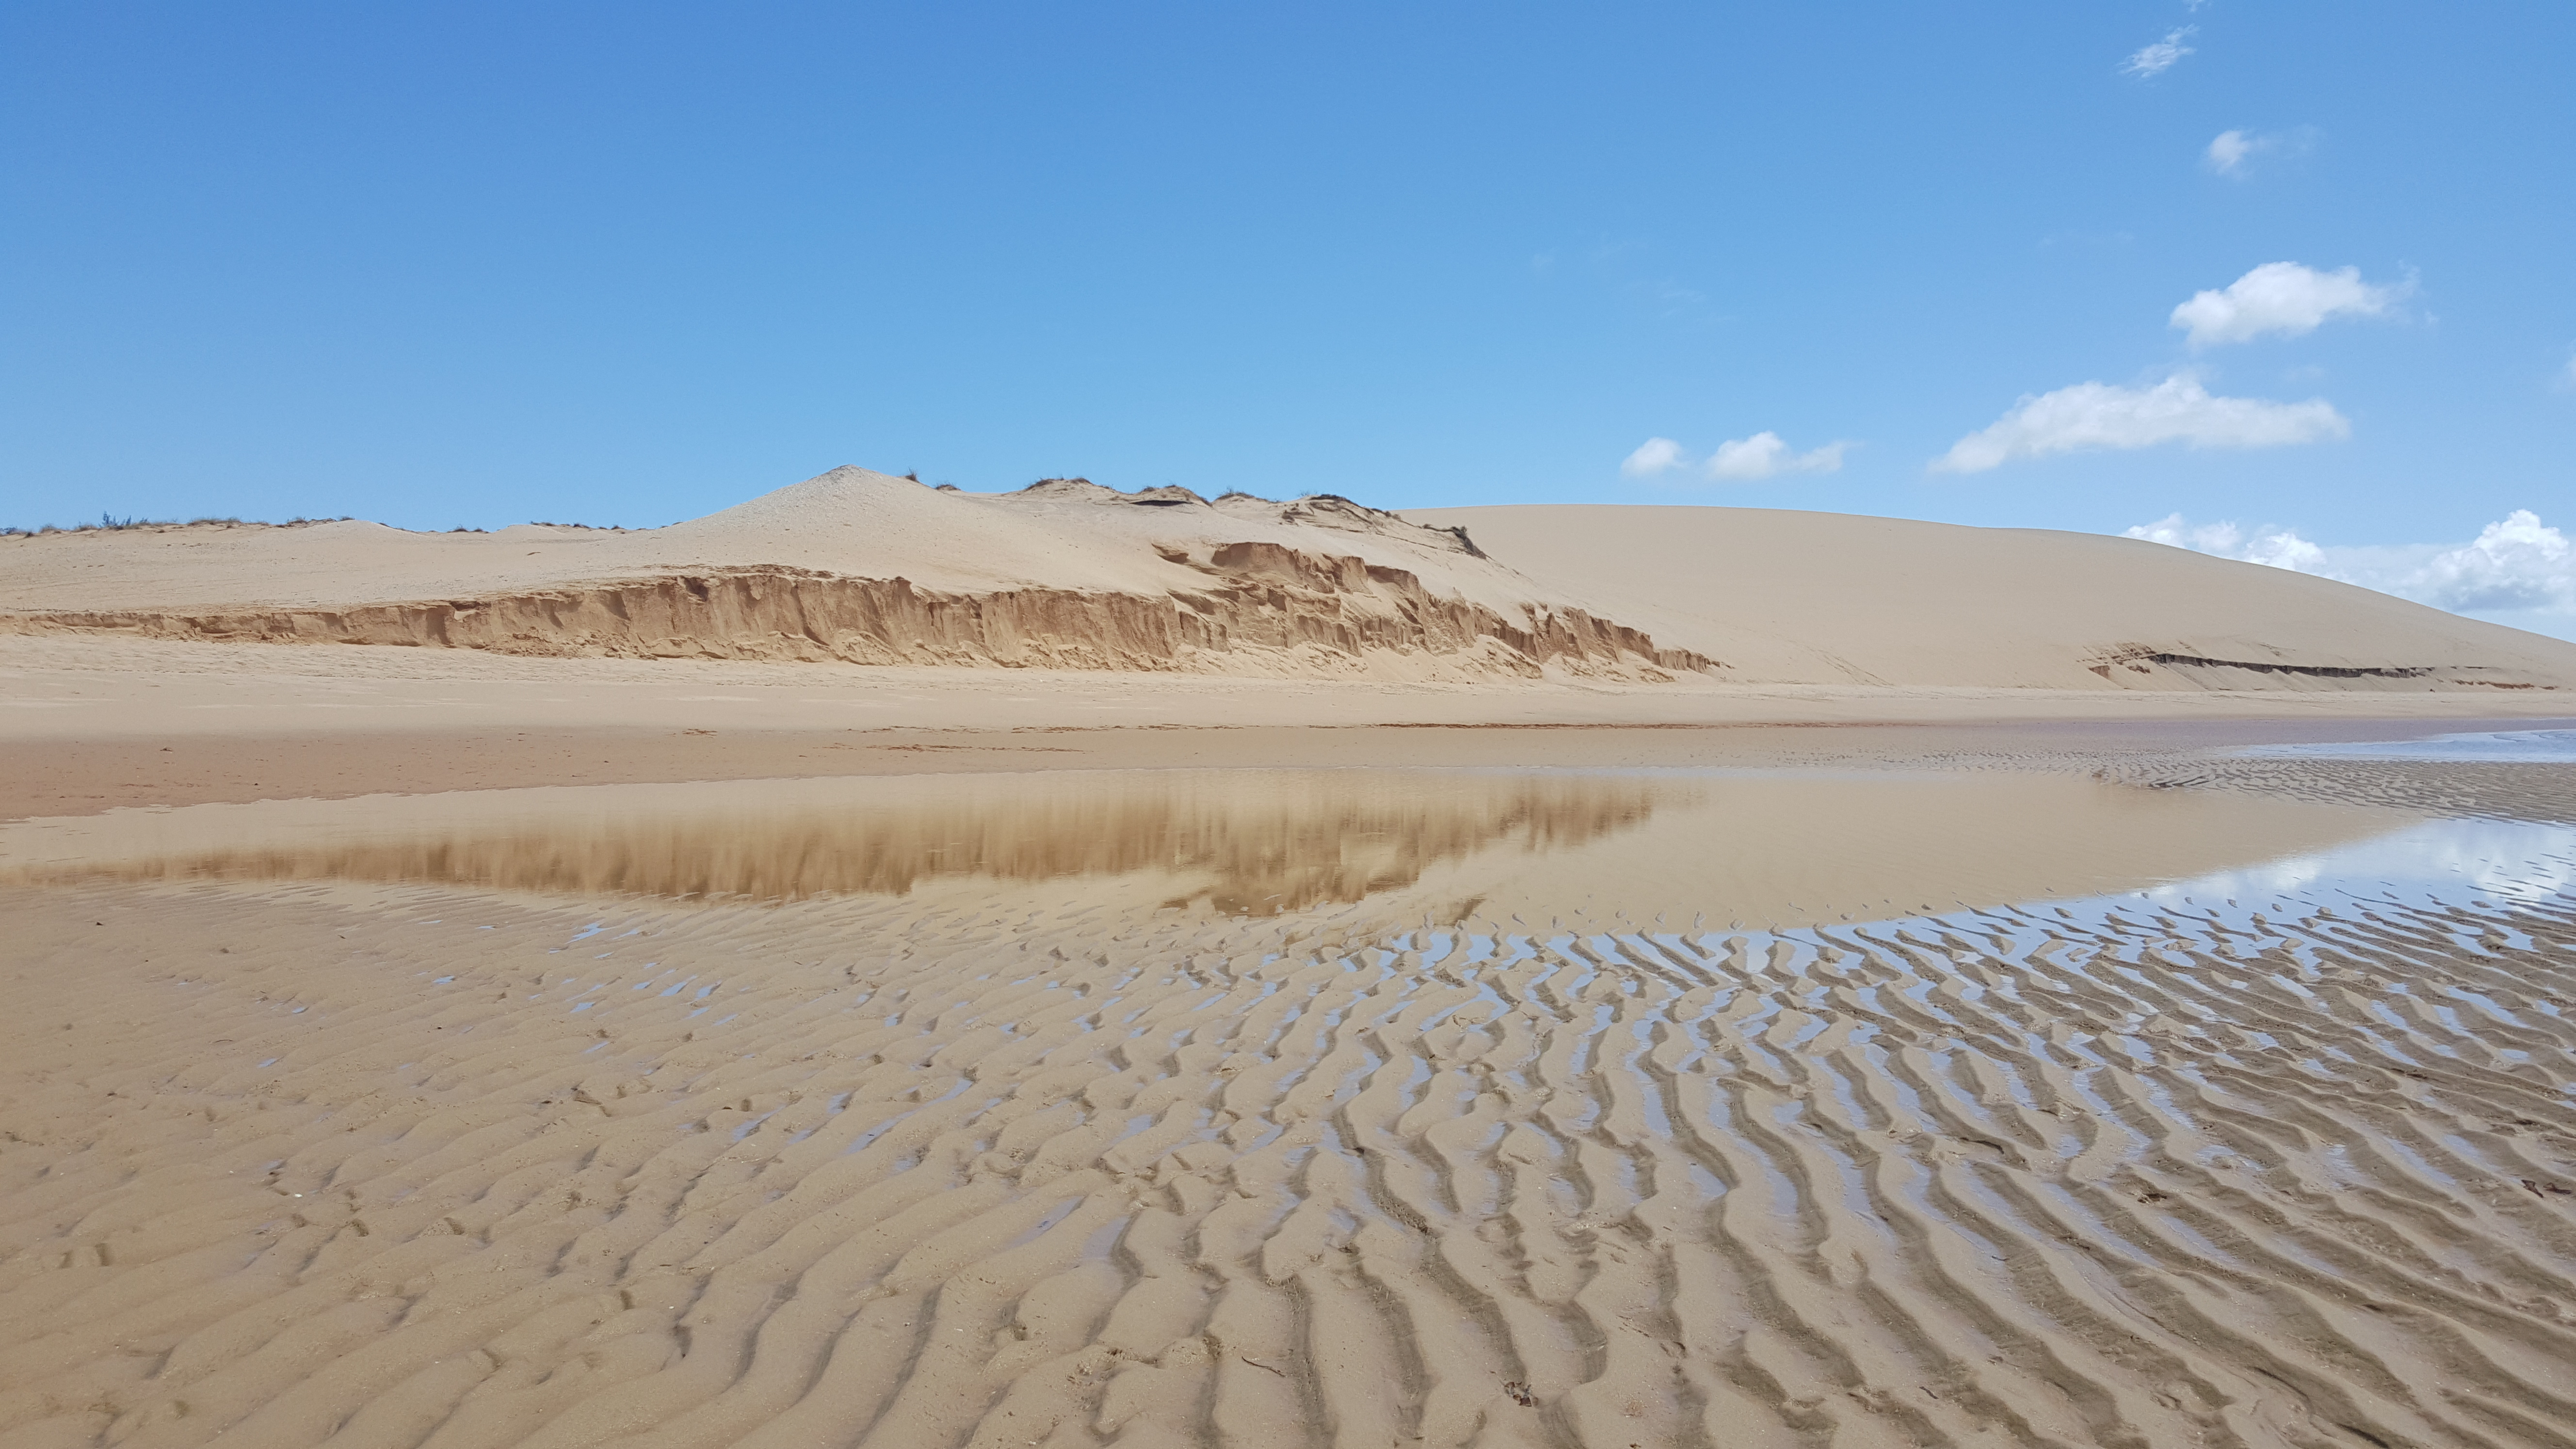 O espetacular efeito da duna refletindo na água